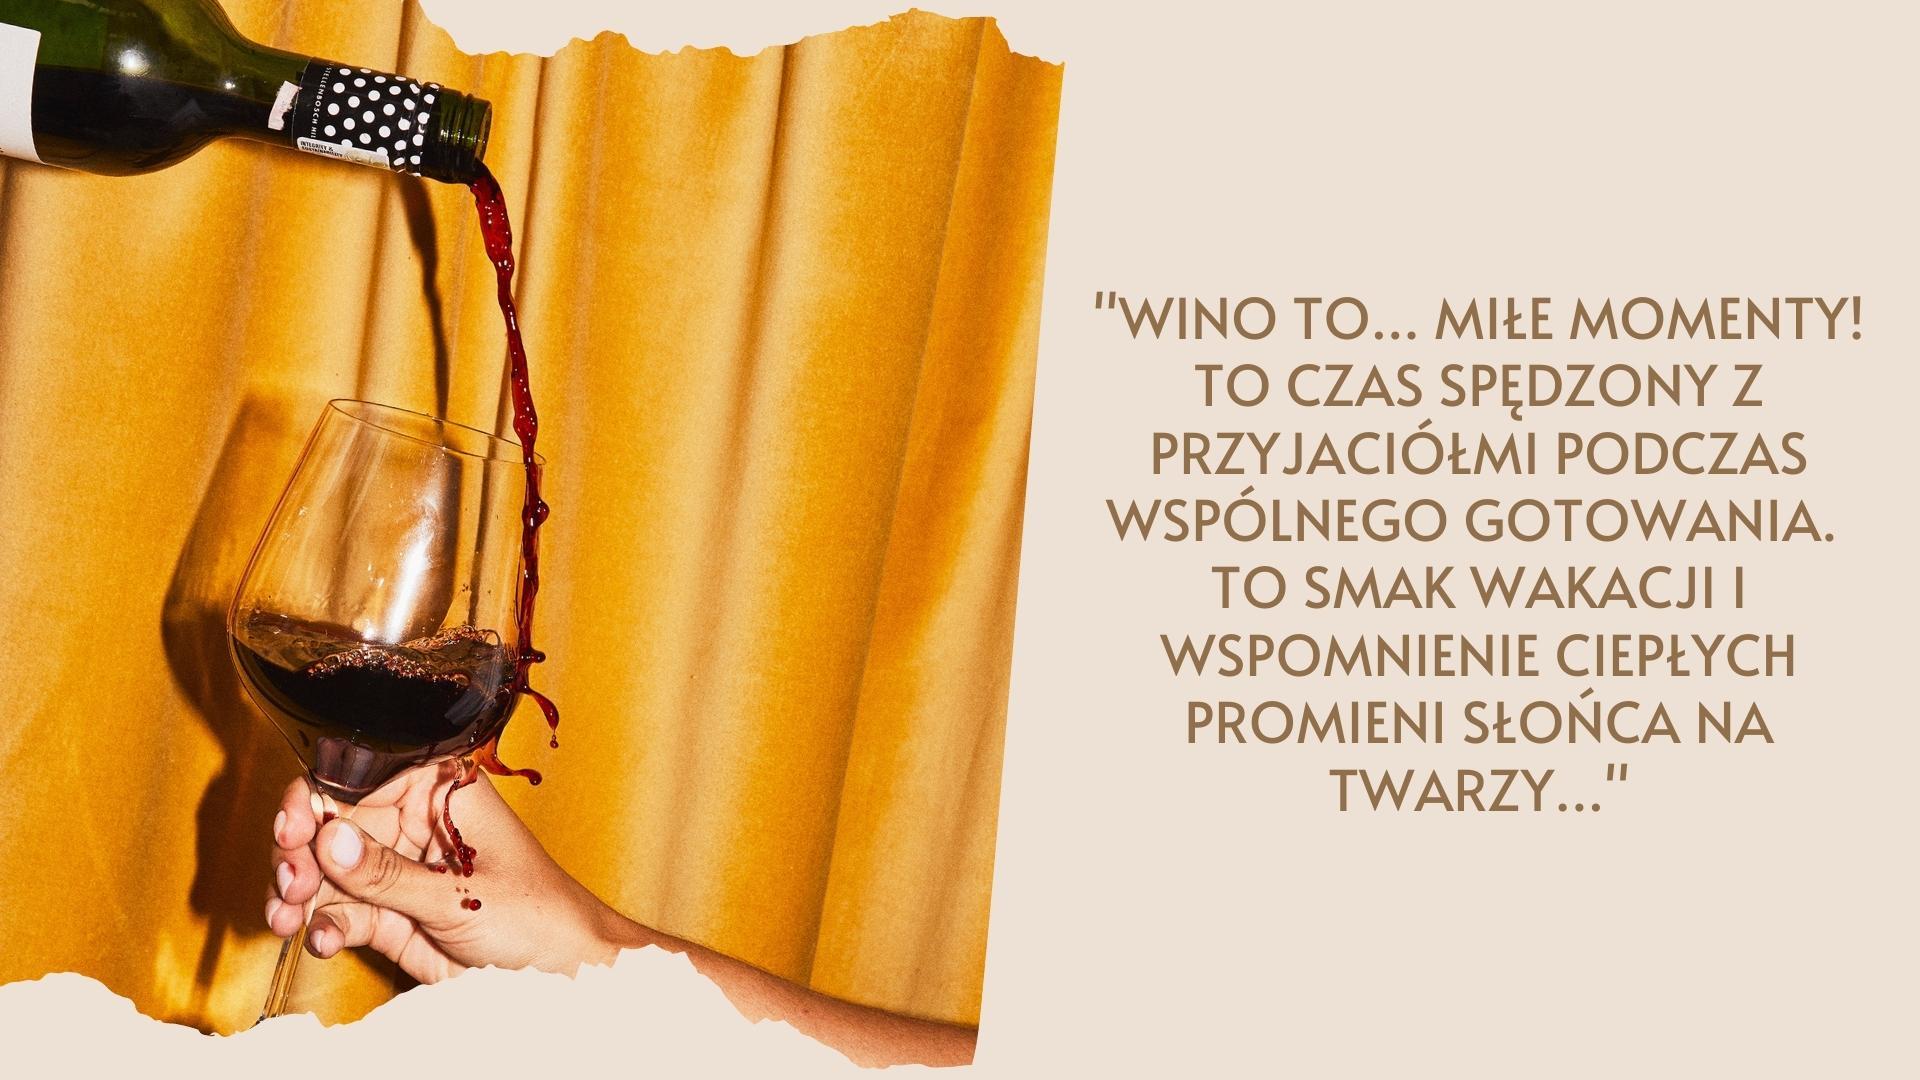 2 modern wine club subskrypcja wina z dostawą do domu wino na przyjęcie domowe jakie wino kupić w prezencie quiz wybierz swoje ulubione wino